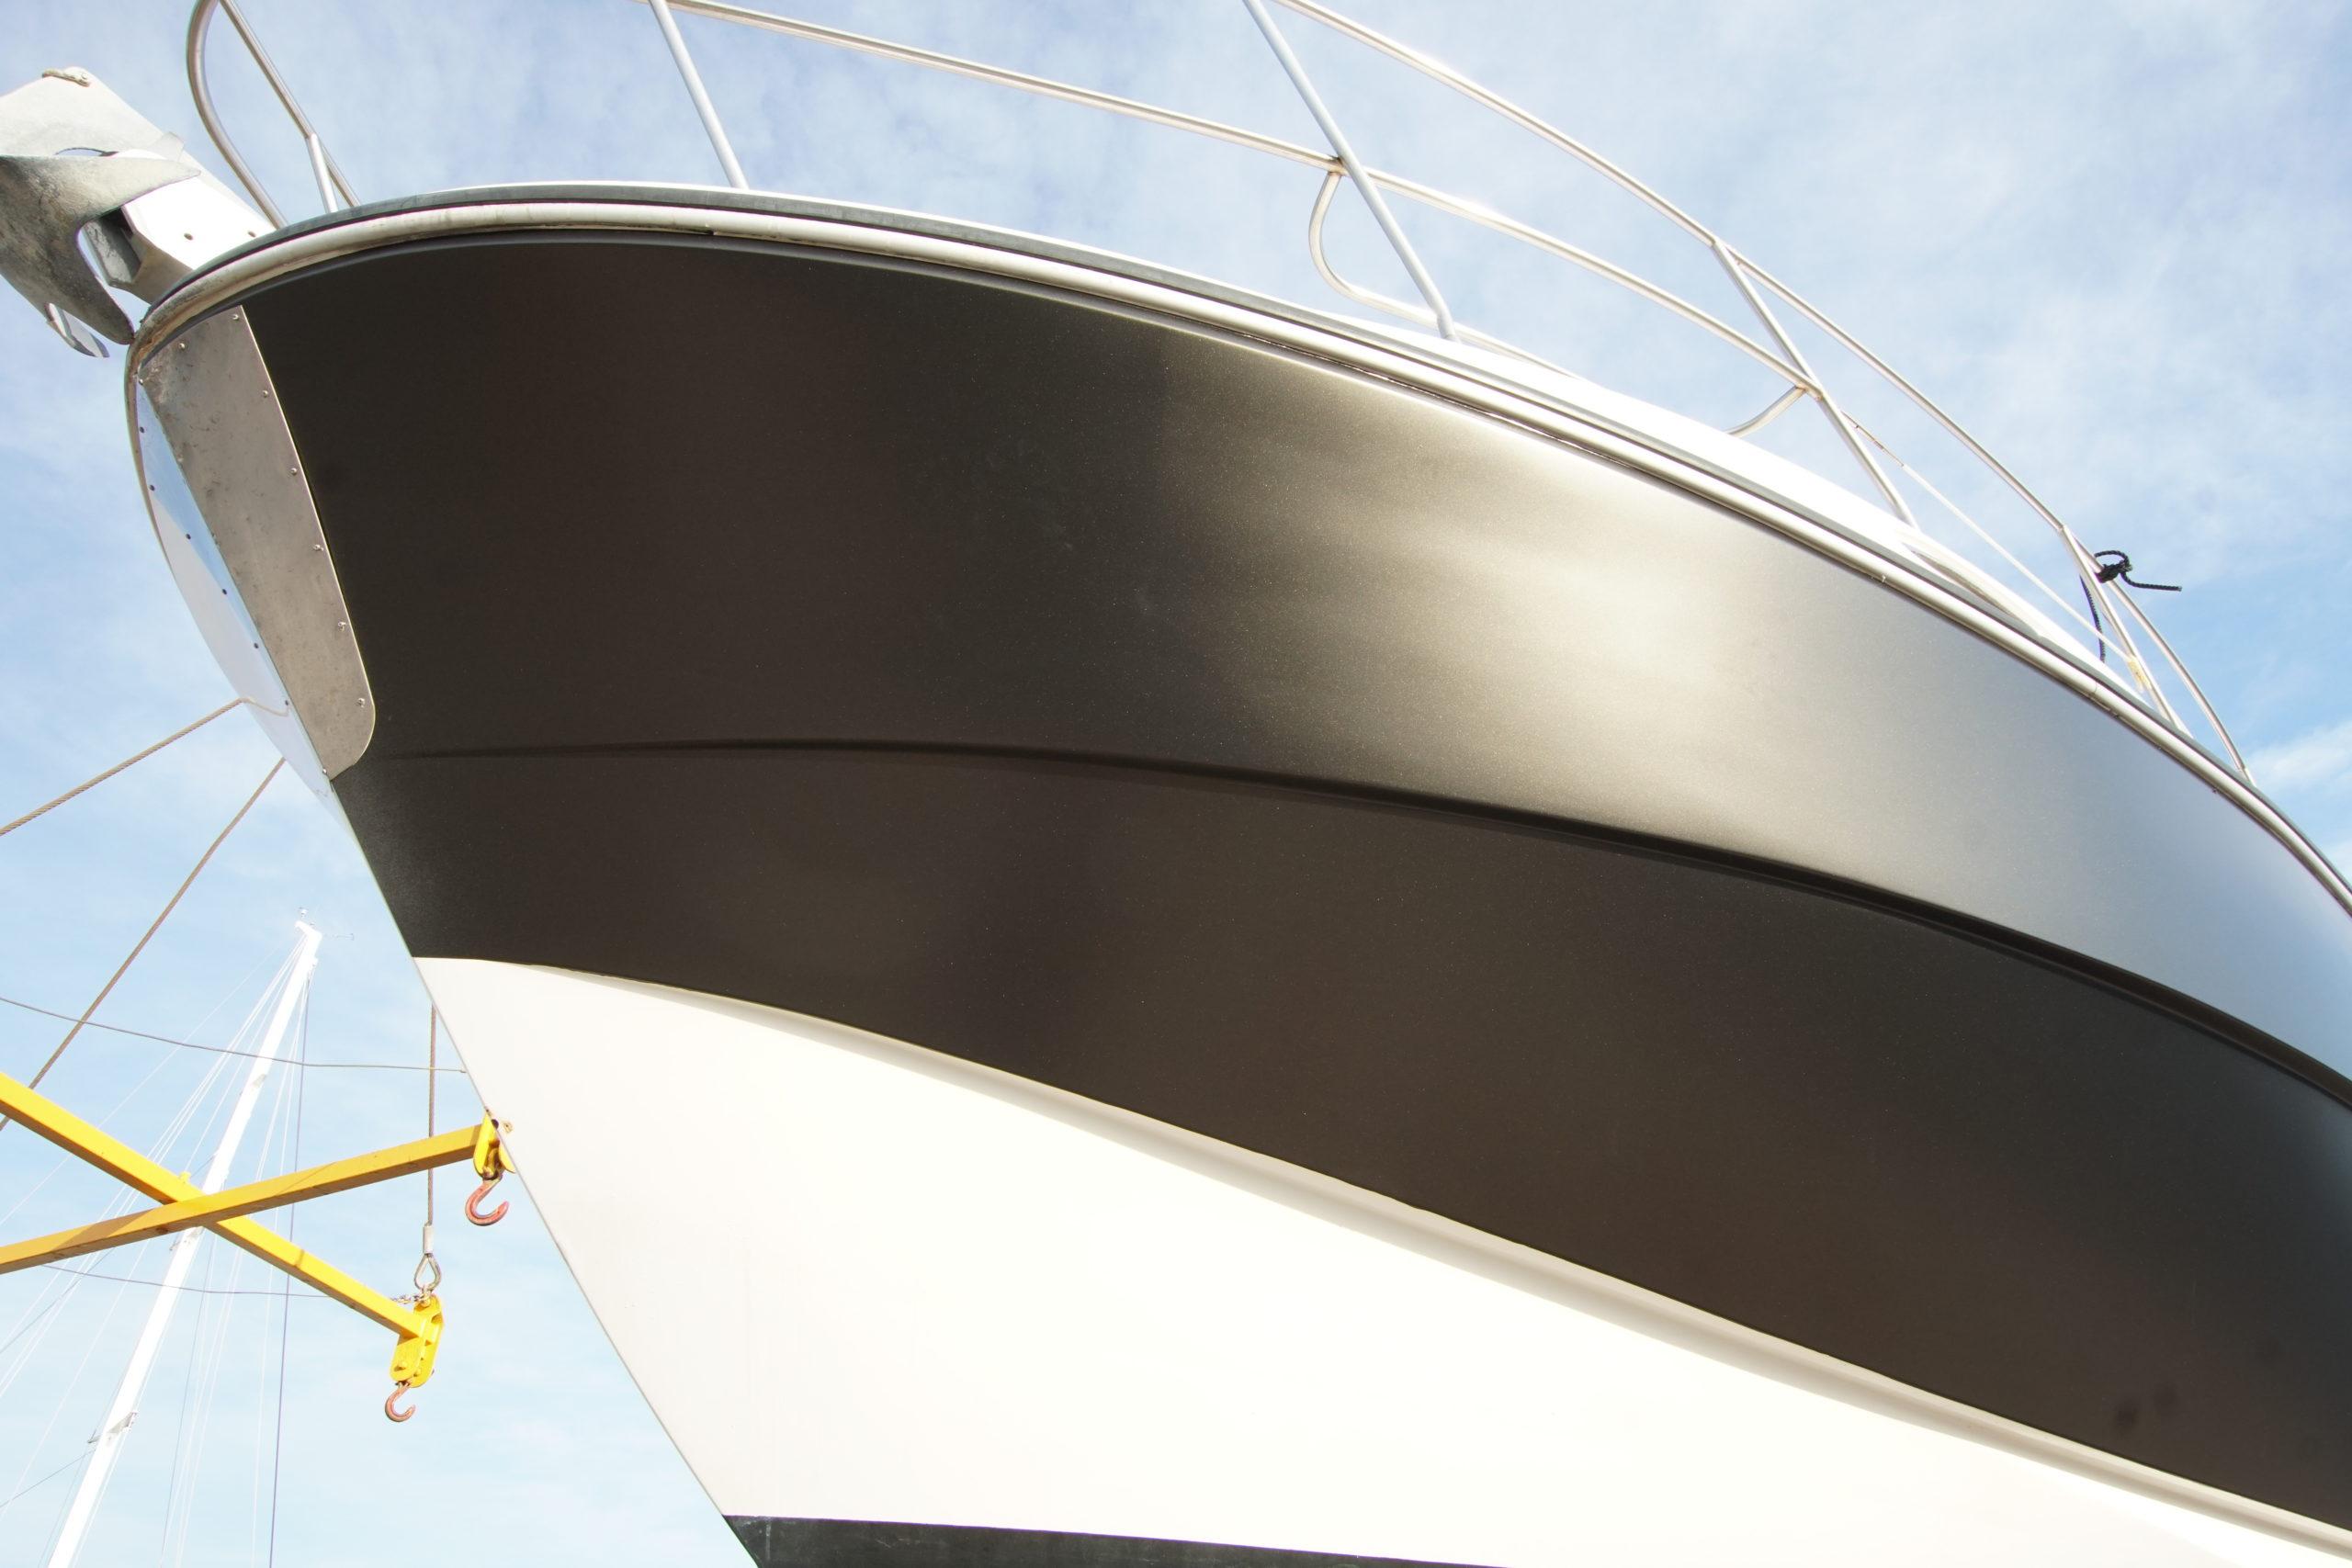 Varazze: Azimut 32.9 ft